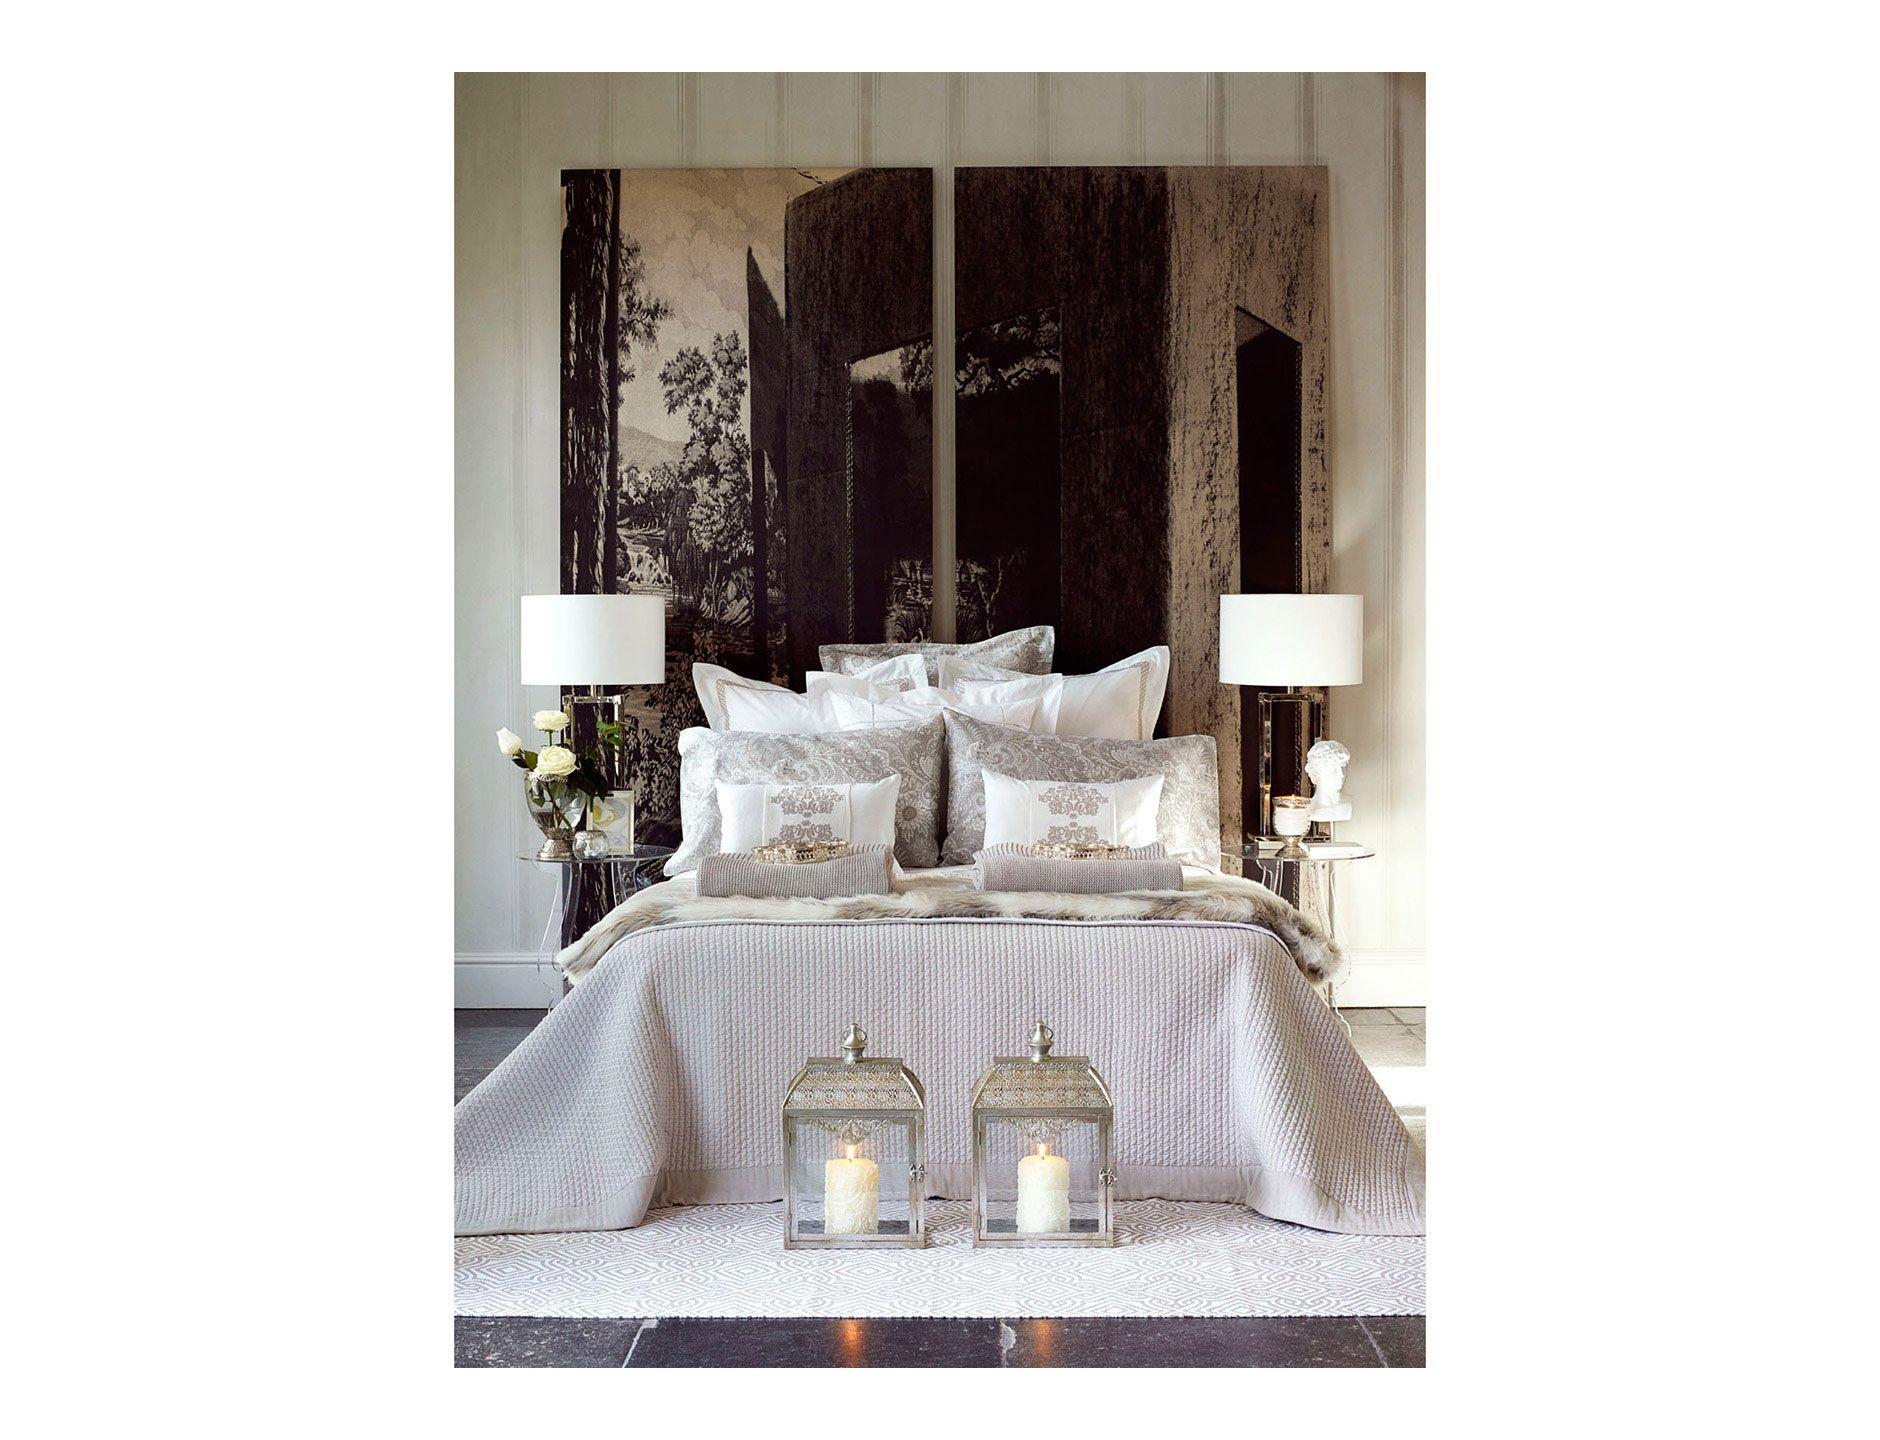 Lookbook zara home portugal queria um quarto assim pinterest quartos casas e decora o - Zara home portugal ...